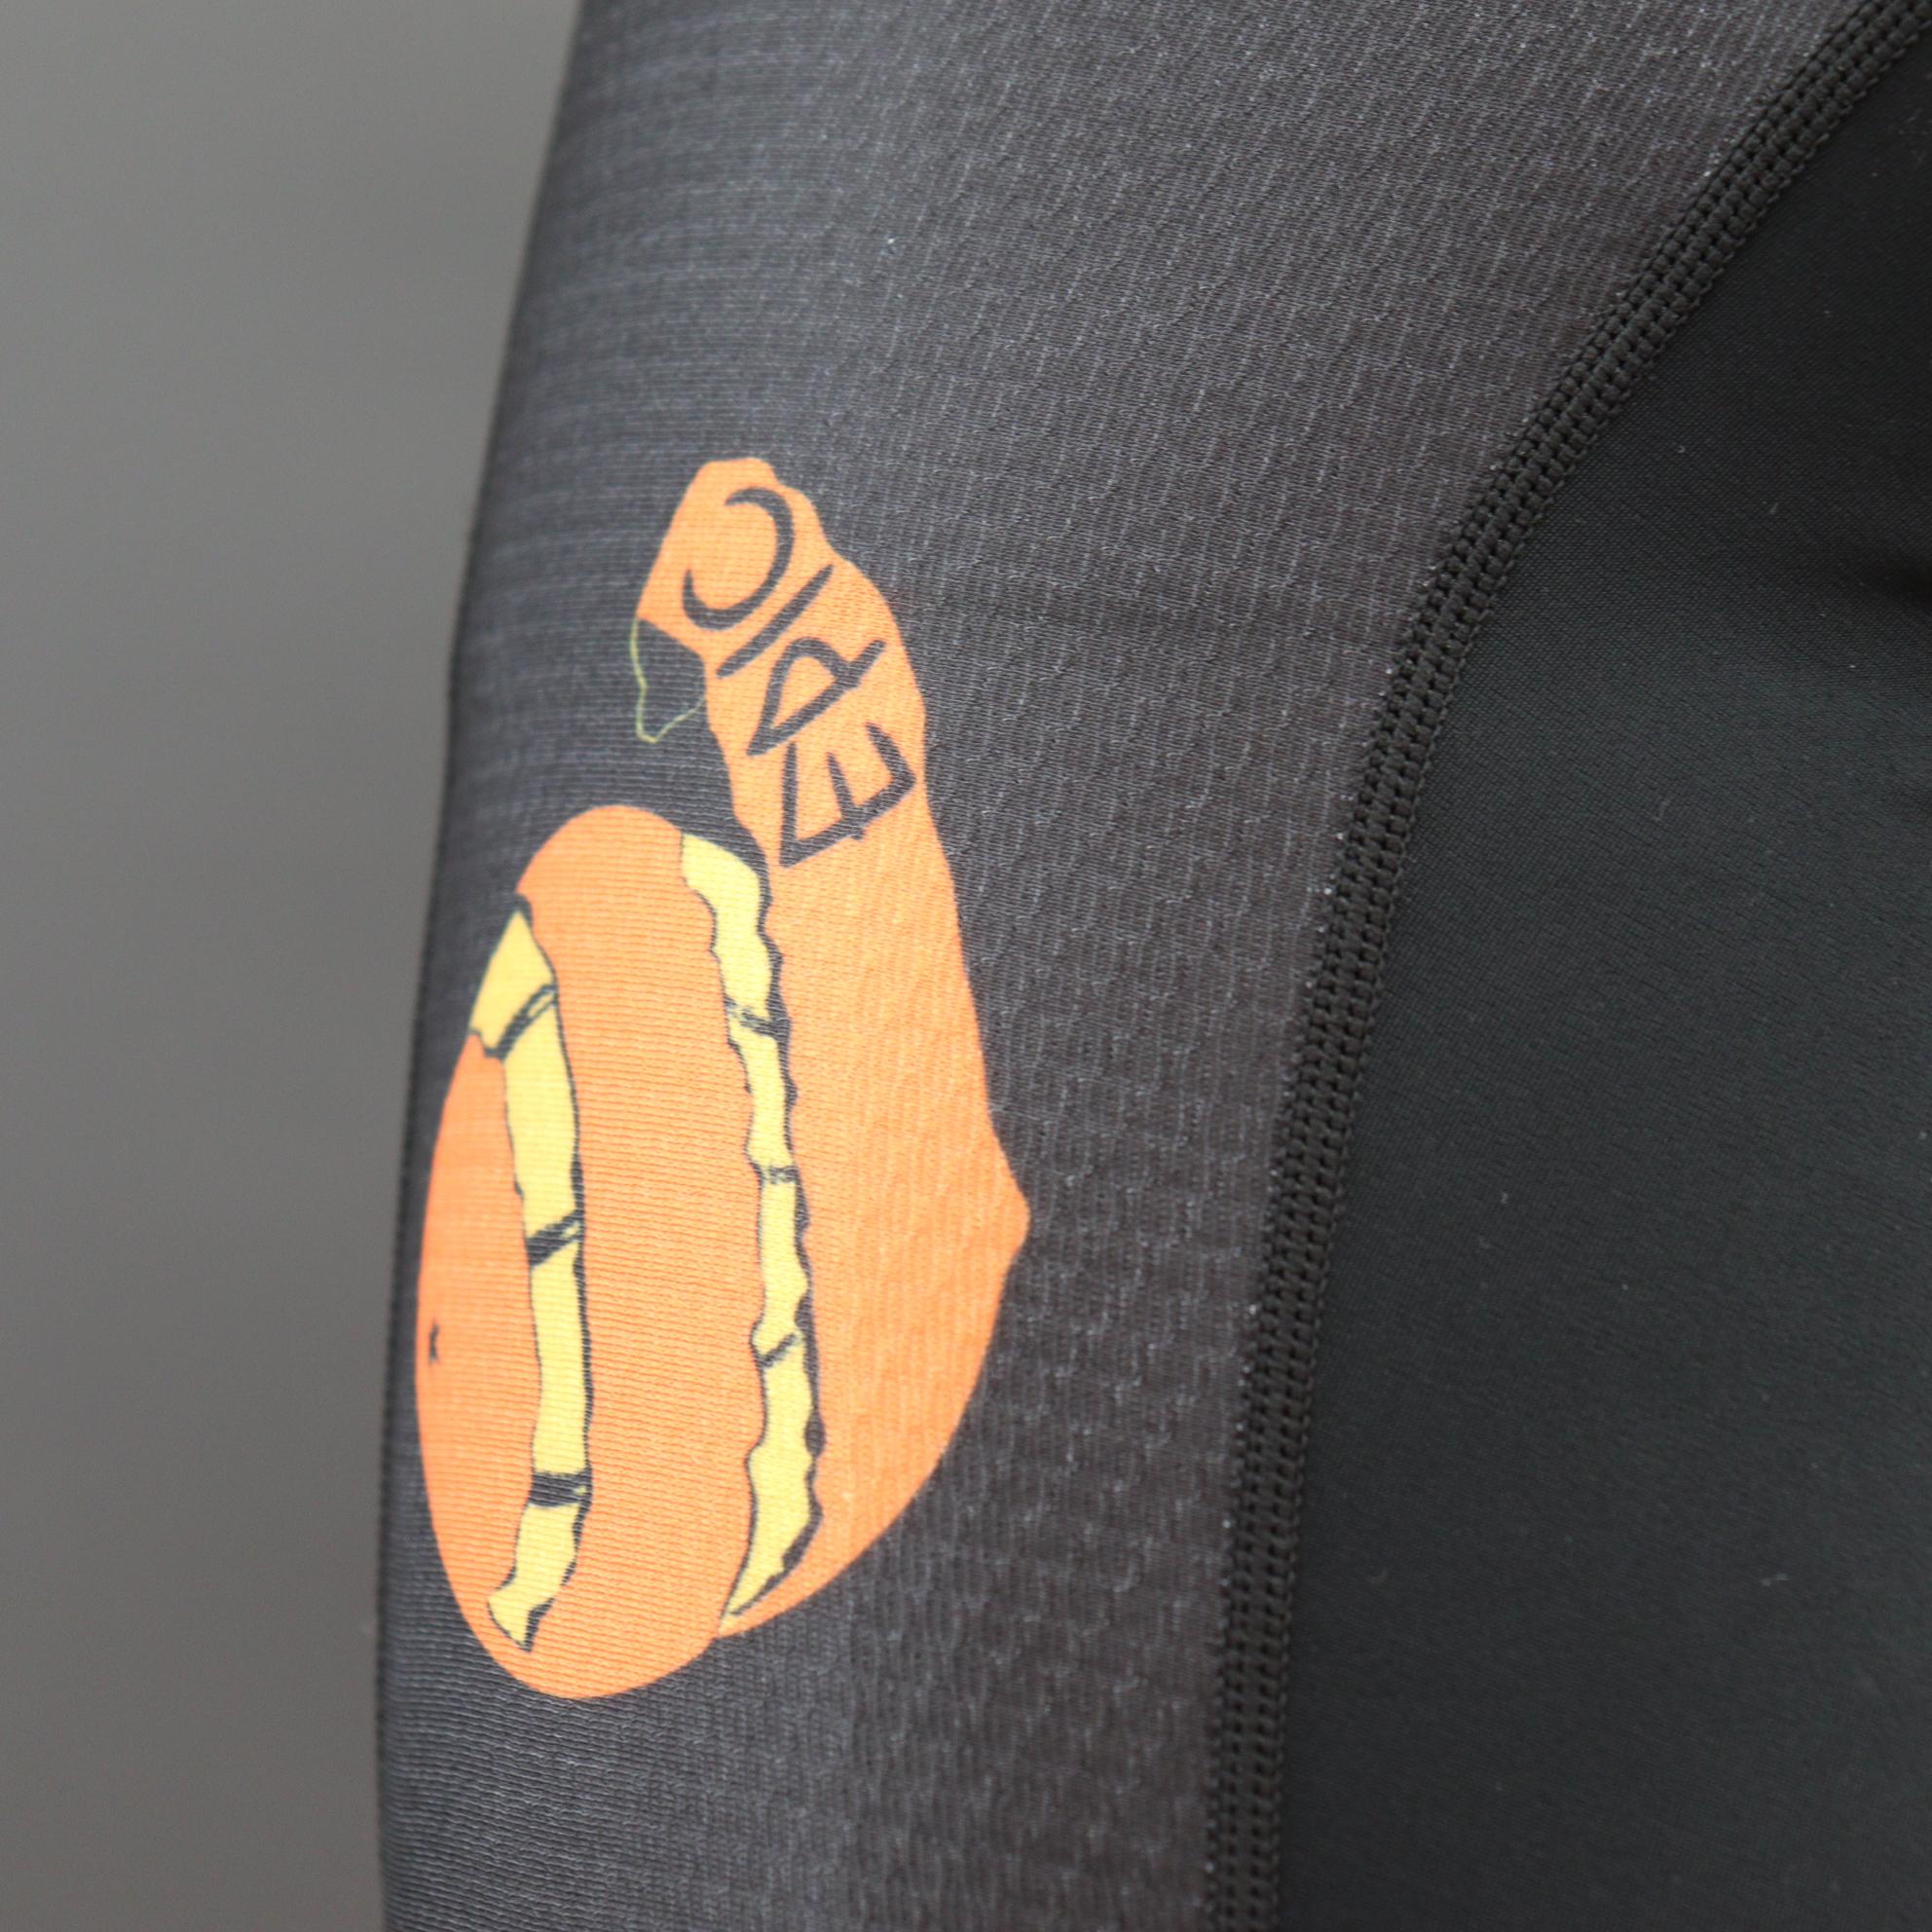 WorldTour WAFFLE Aero Cycle Bib Shorts